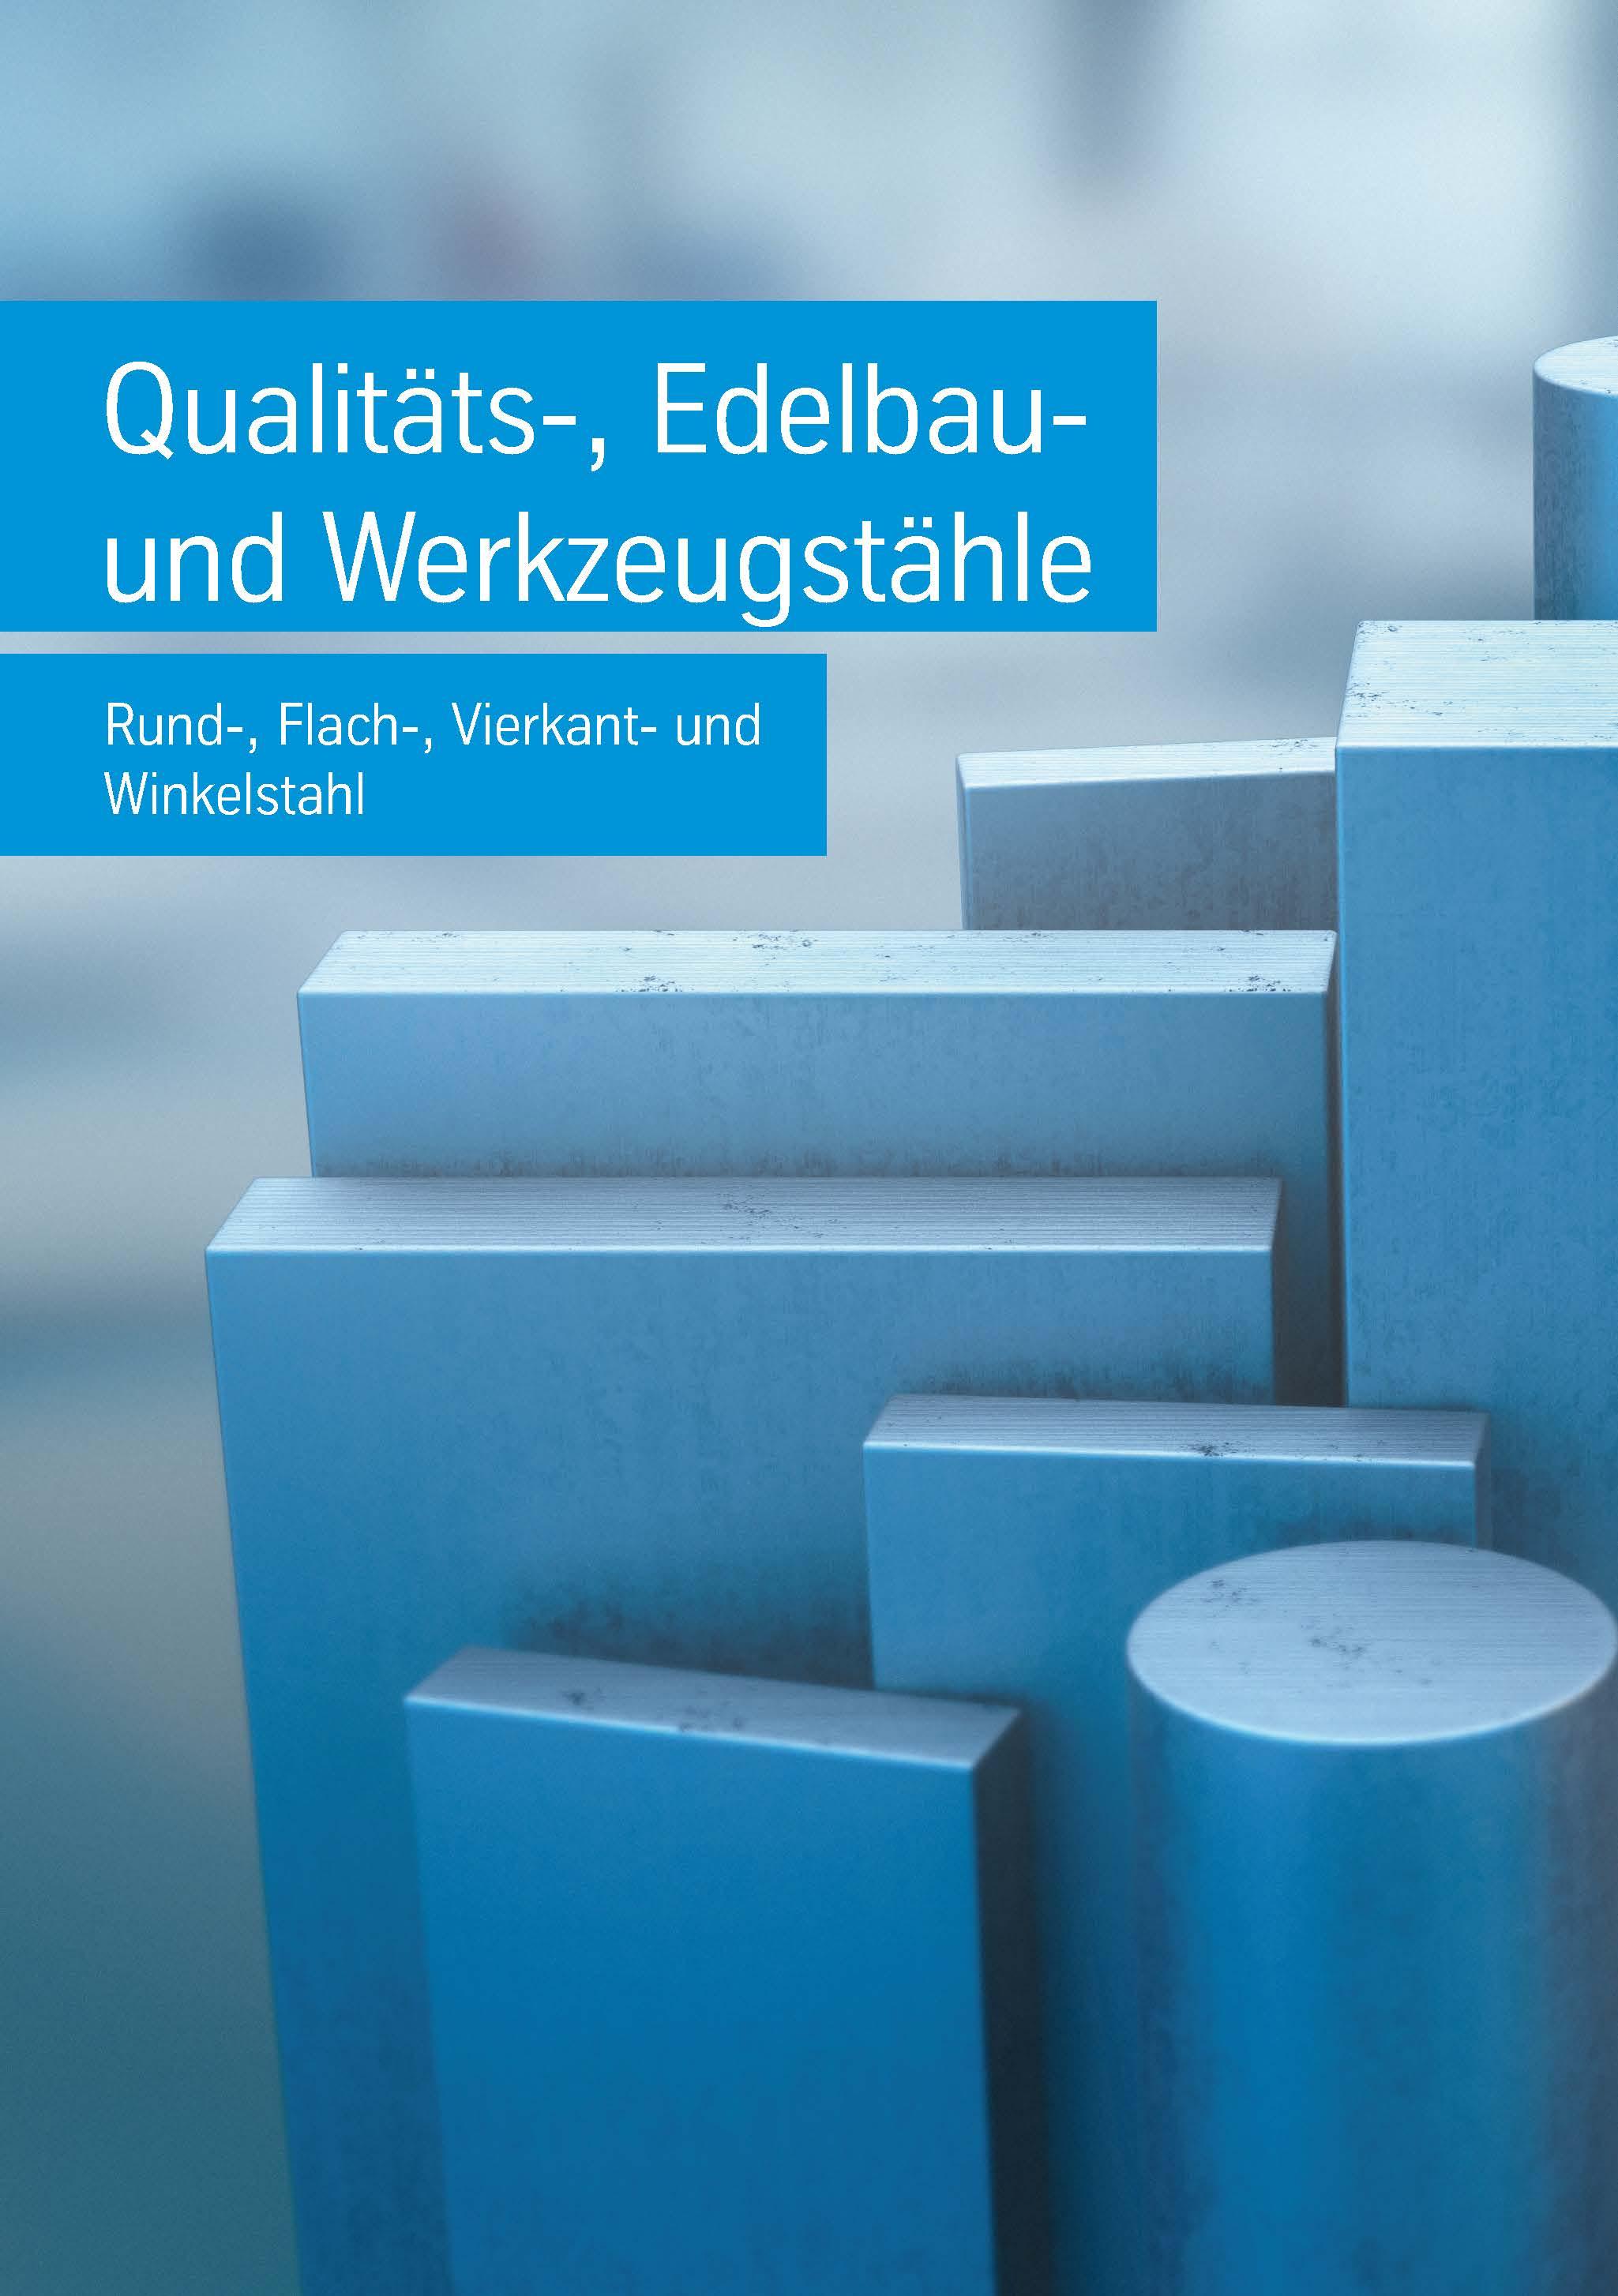 Werkstoffhandbuch Qualitäts-, Edelbau- und Werkzeugstähle